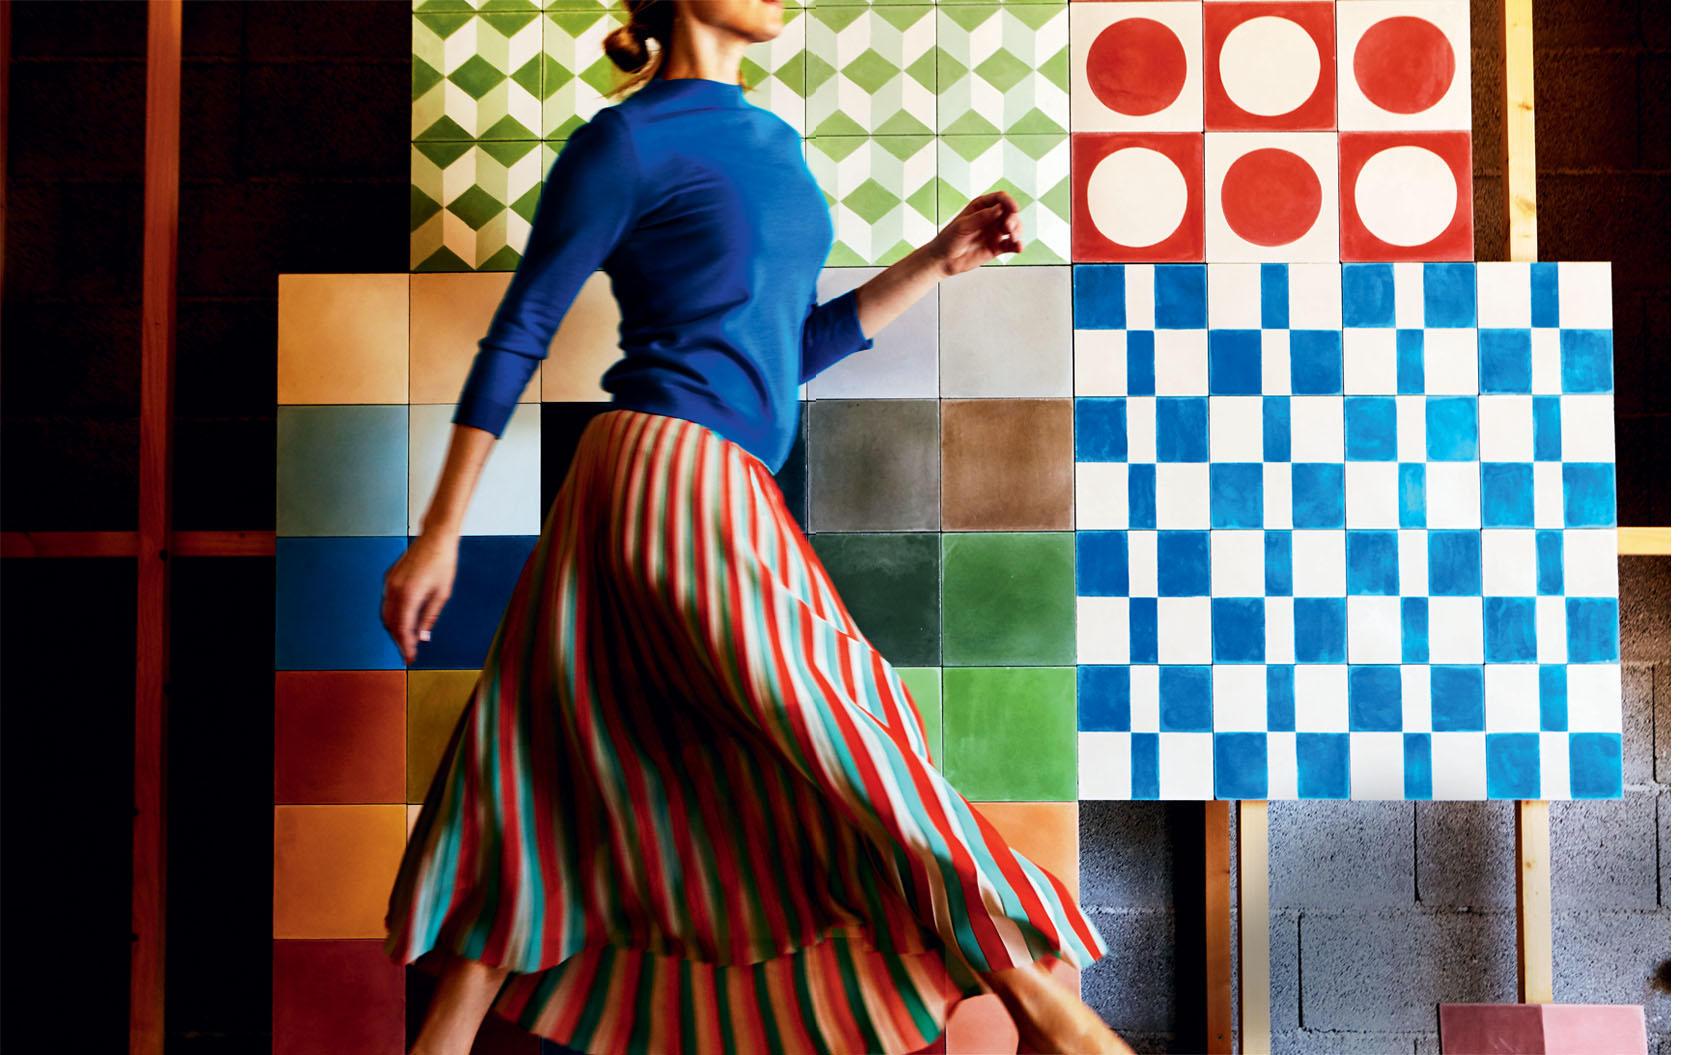 Atemberaubend Farbtrends Küchenschrank 2013 Galerie - Ideen Für Die ...